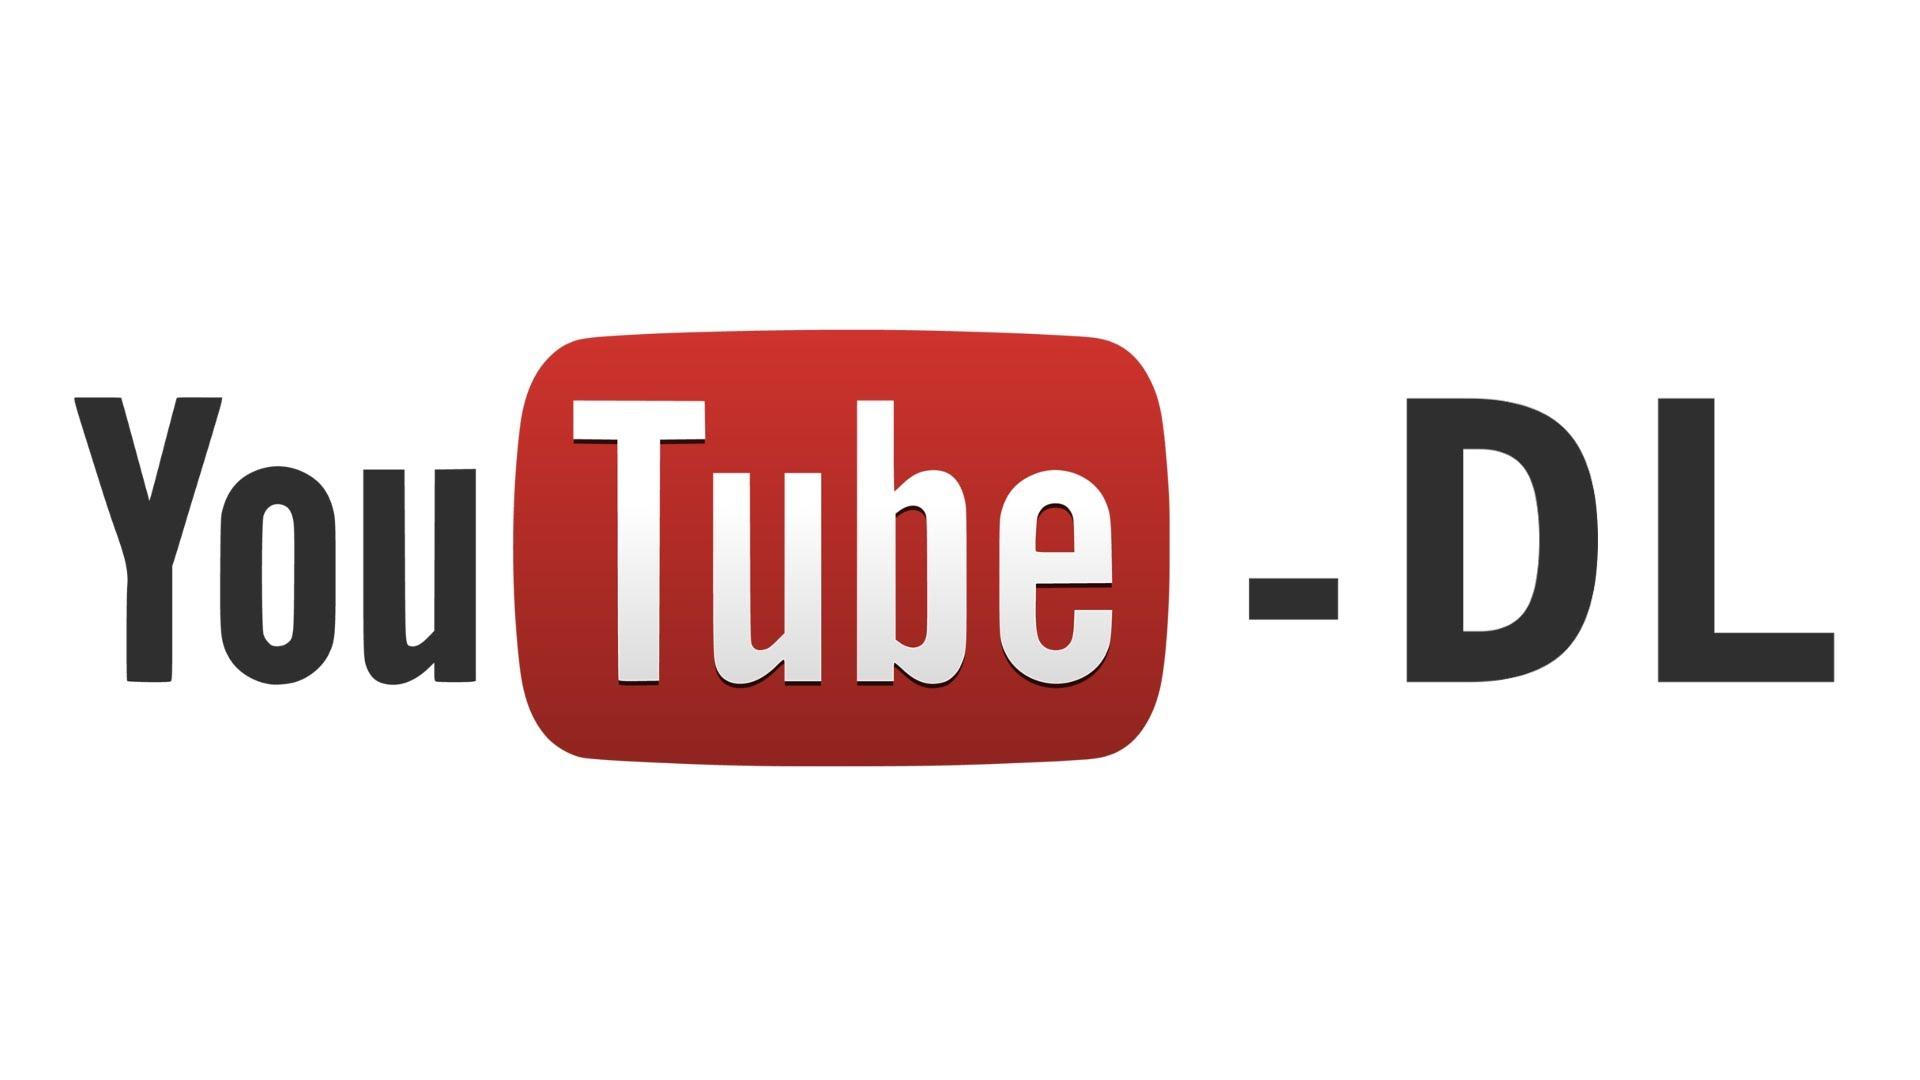 YouTube-DL的logo